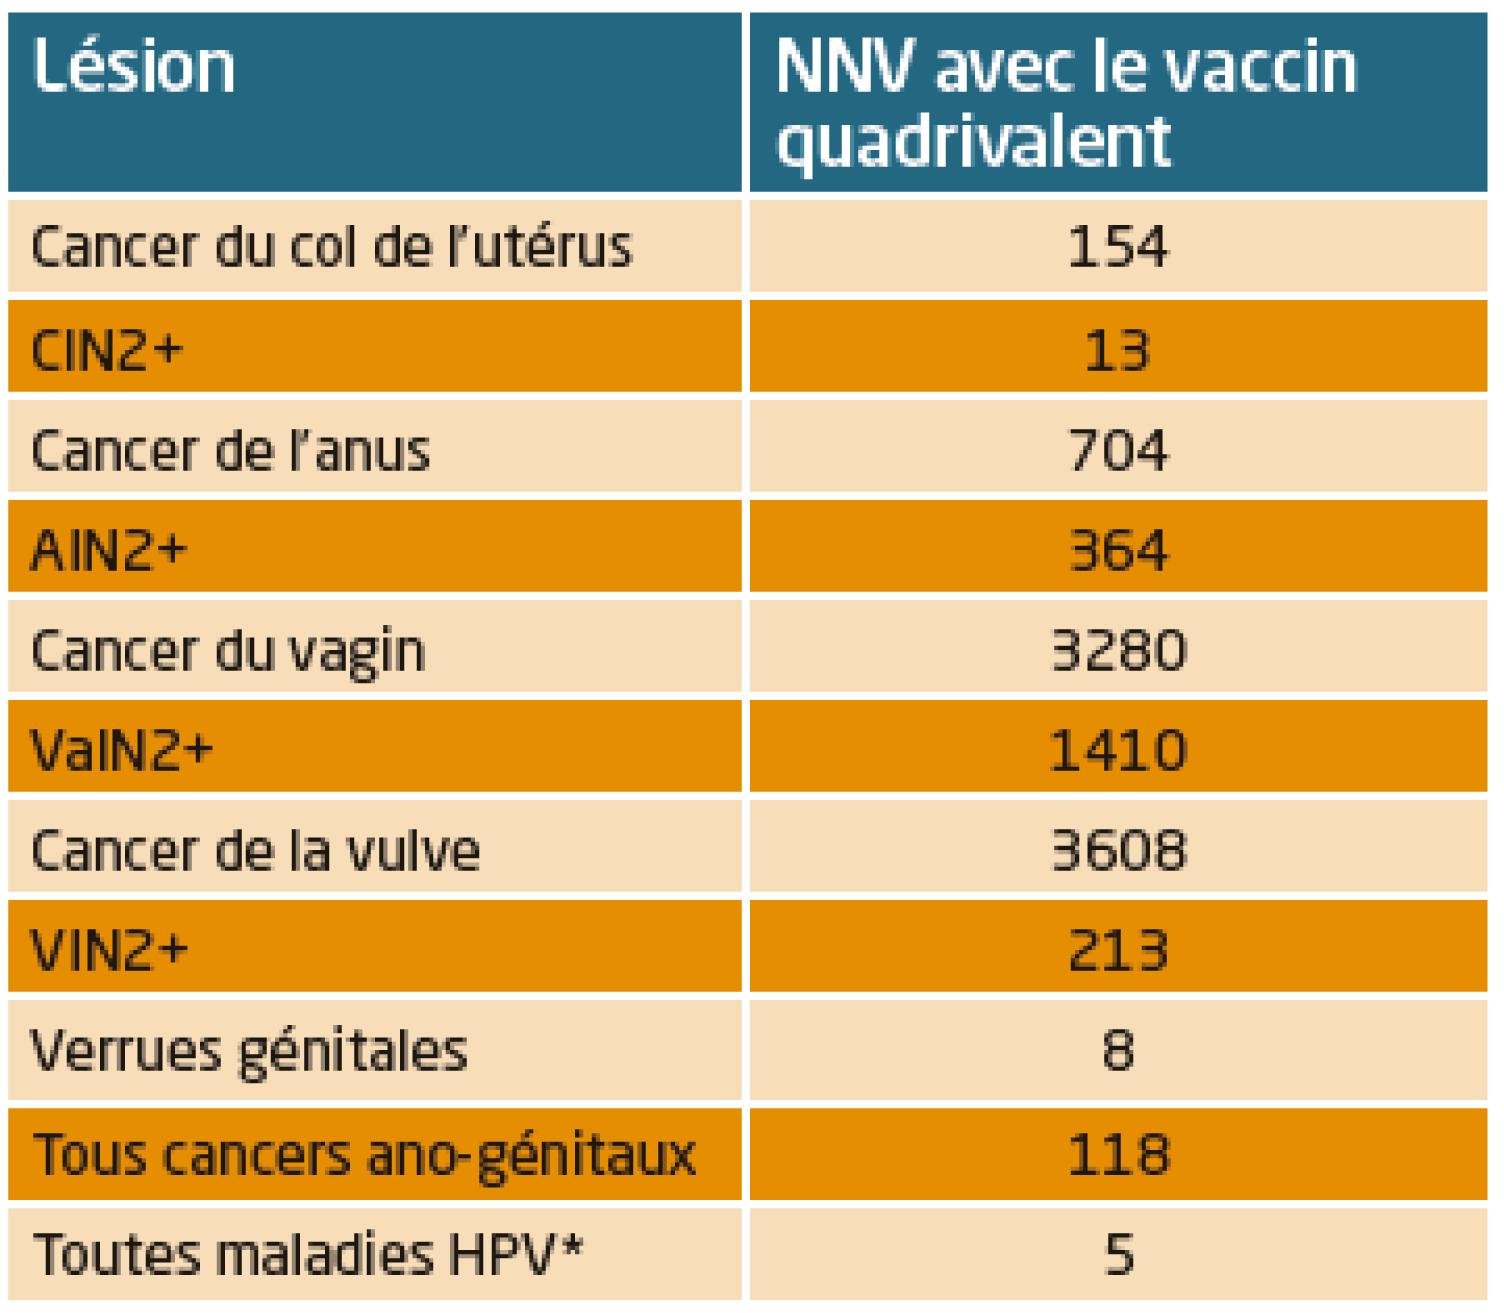 Sinonasal papilloma exophytic type, Vaccin papillomavirus prix remboursement